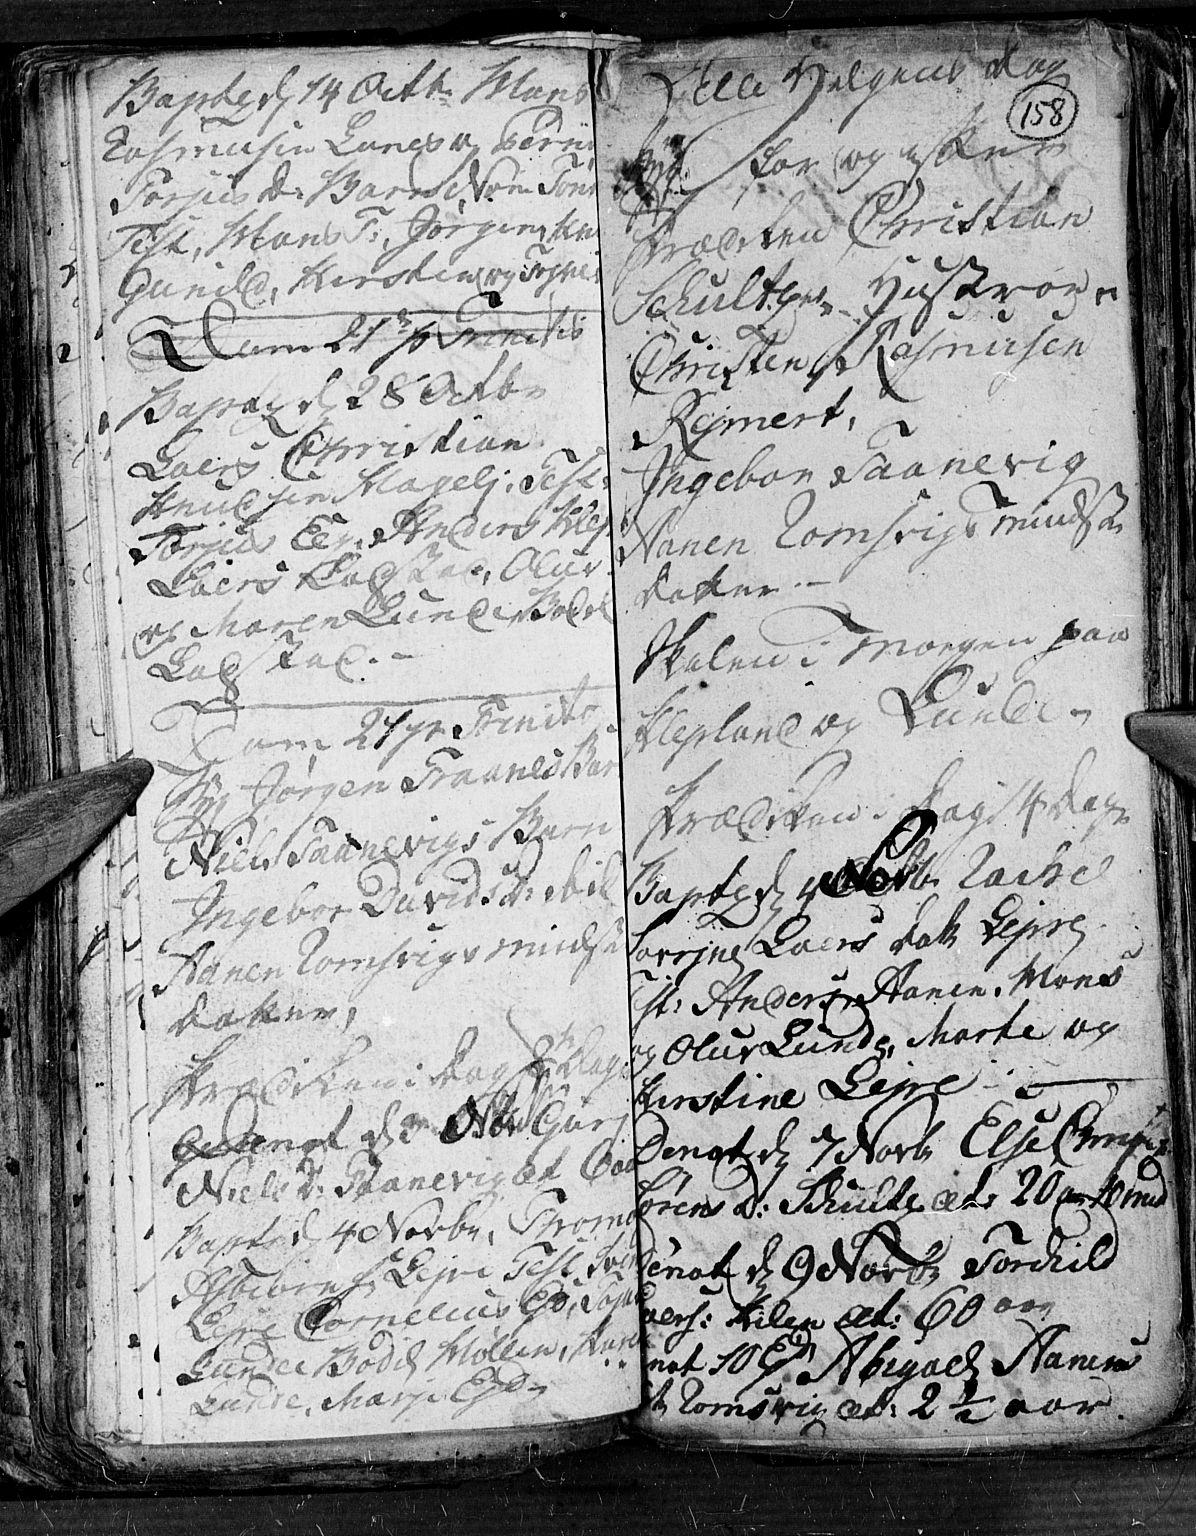 SAK, Søgne sokneprestkontor, F/Fb/Fbb/L0001: Klokkerbok nr. B 1, 1779-1802, s. 158